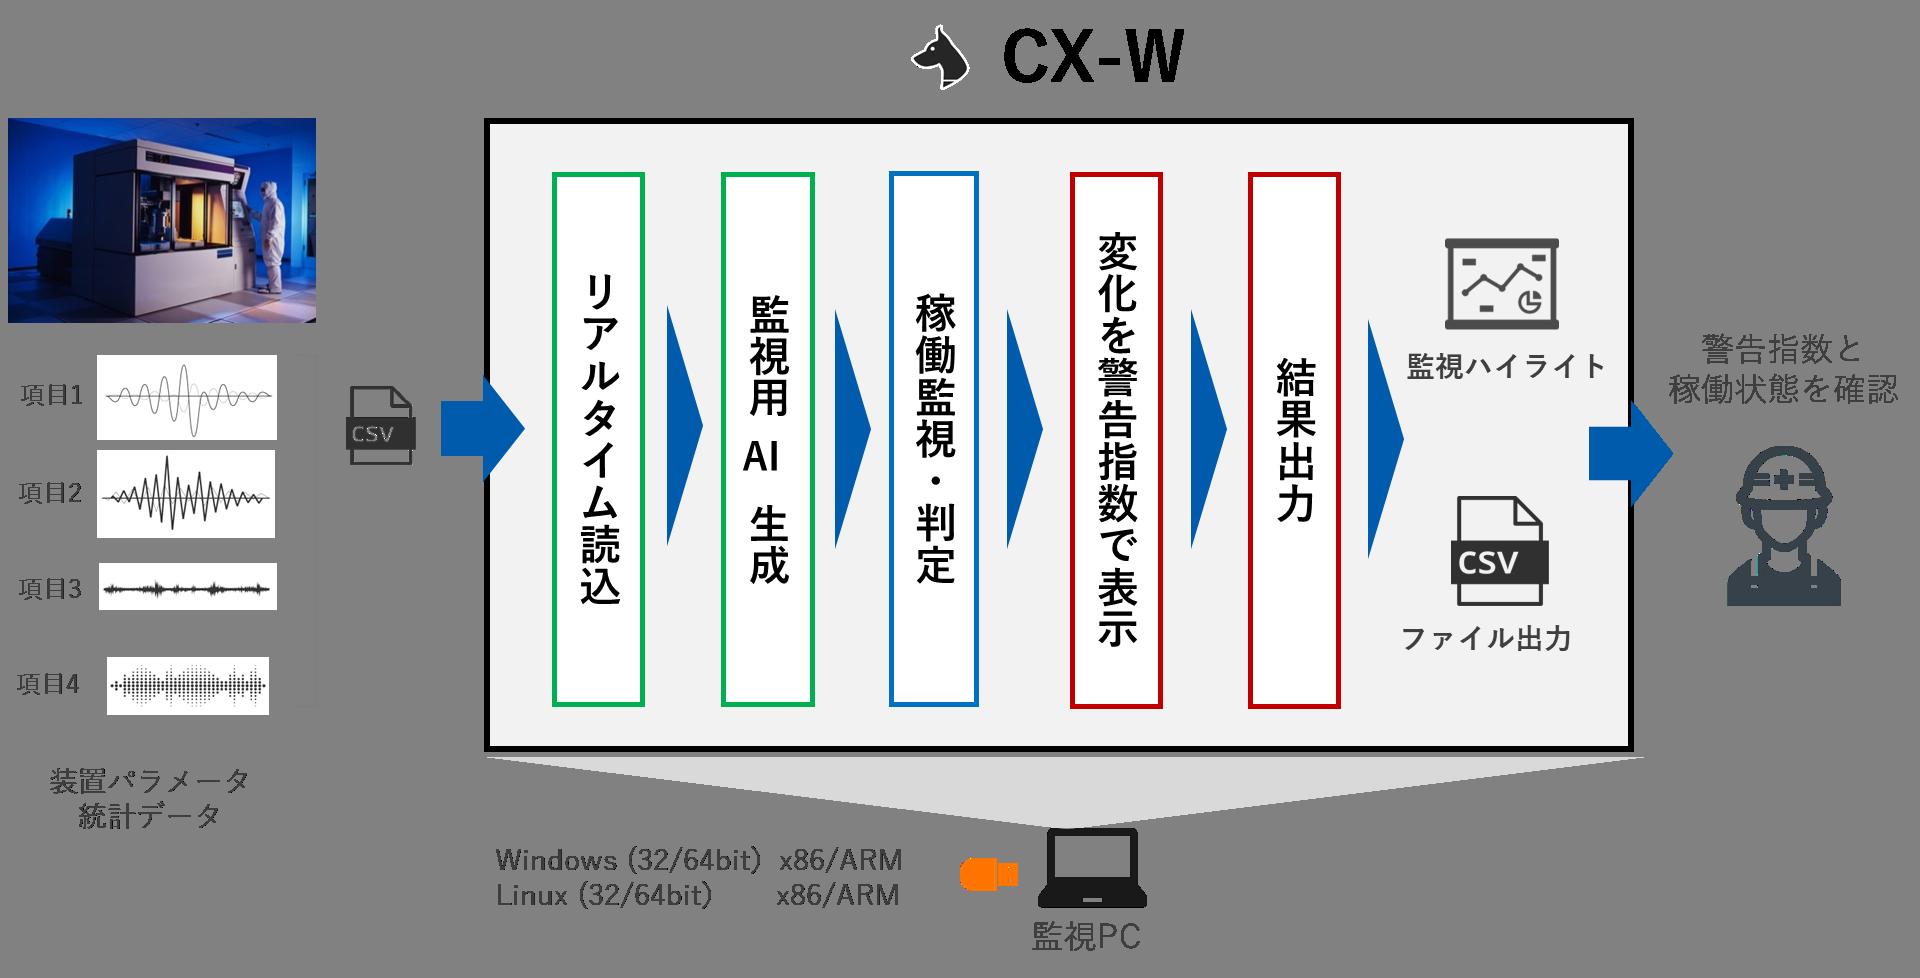 ■CX-Wの動作概要